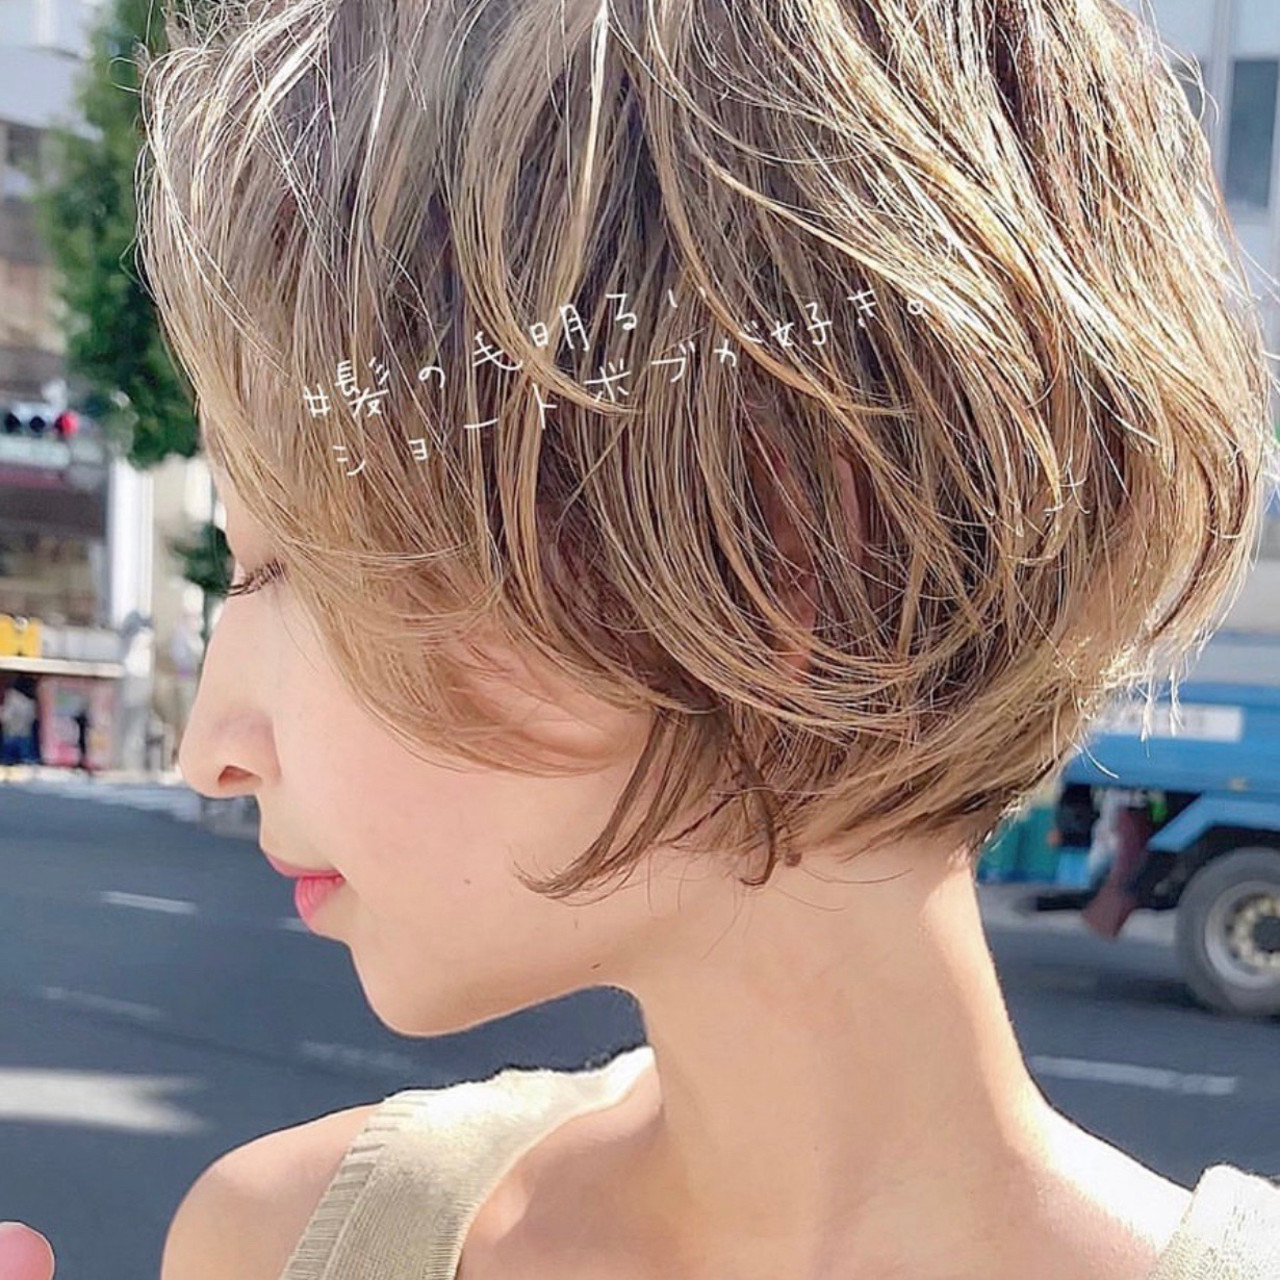 ショート ウルフカット ベリーショート ナチュラル ヘアスタイルや髪型の写真・画像 | ショートボブの匠【 山内大成 】『i.hair』 / 『 i. 』 omotesando